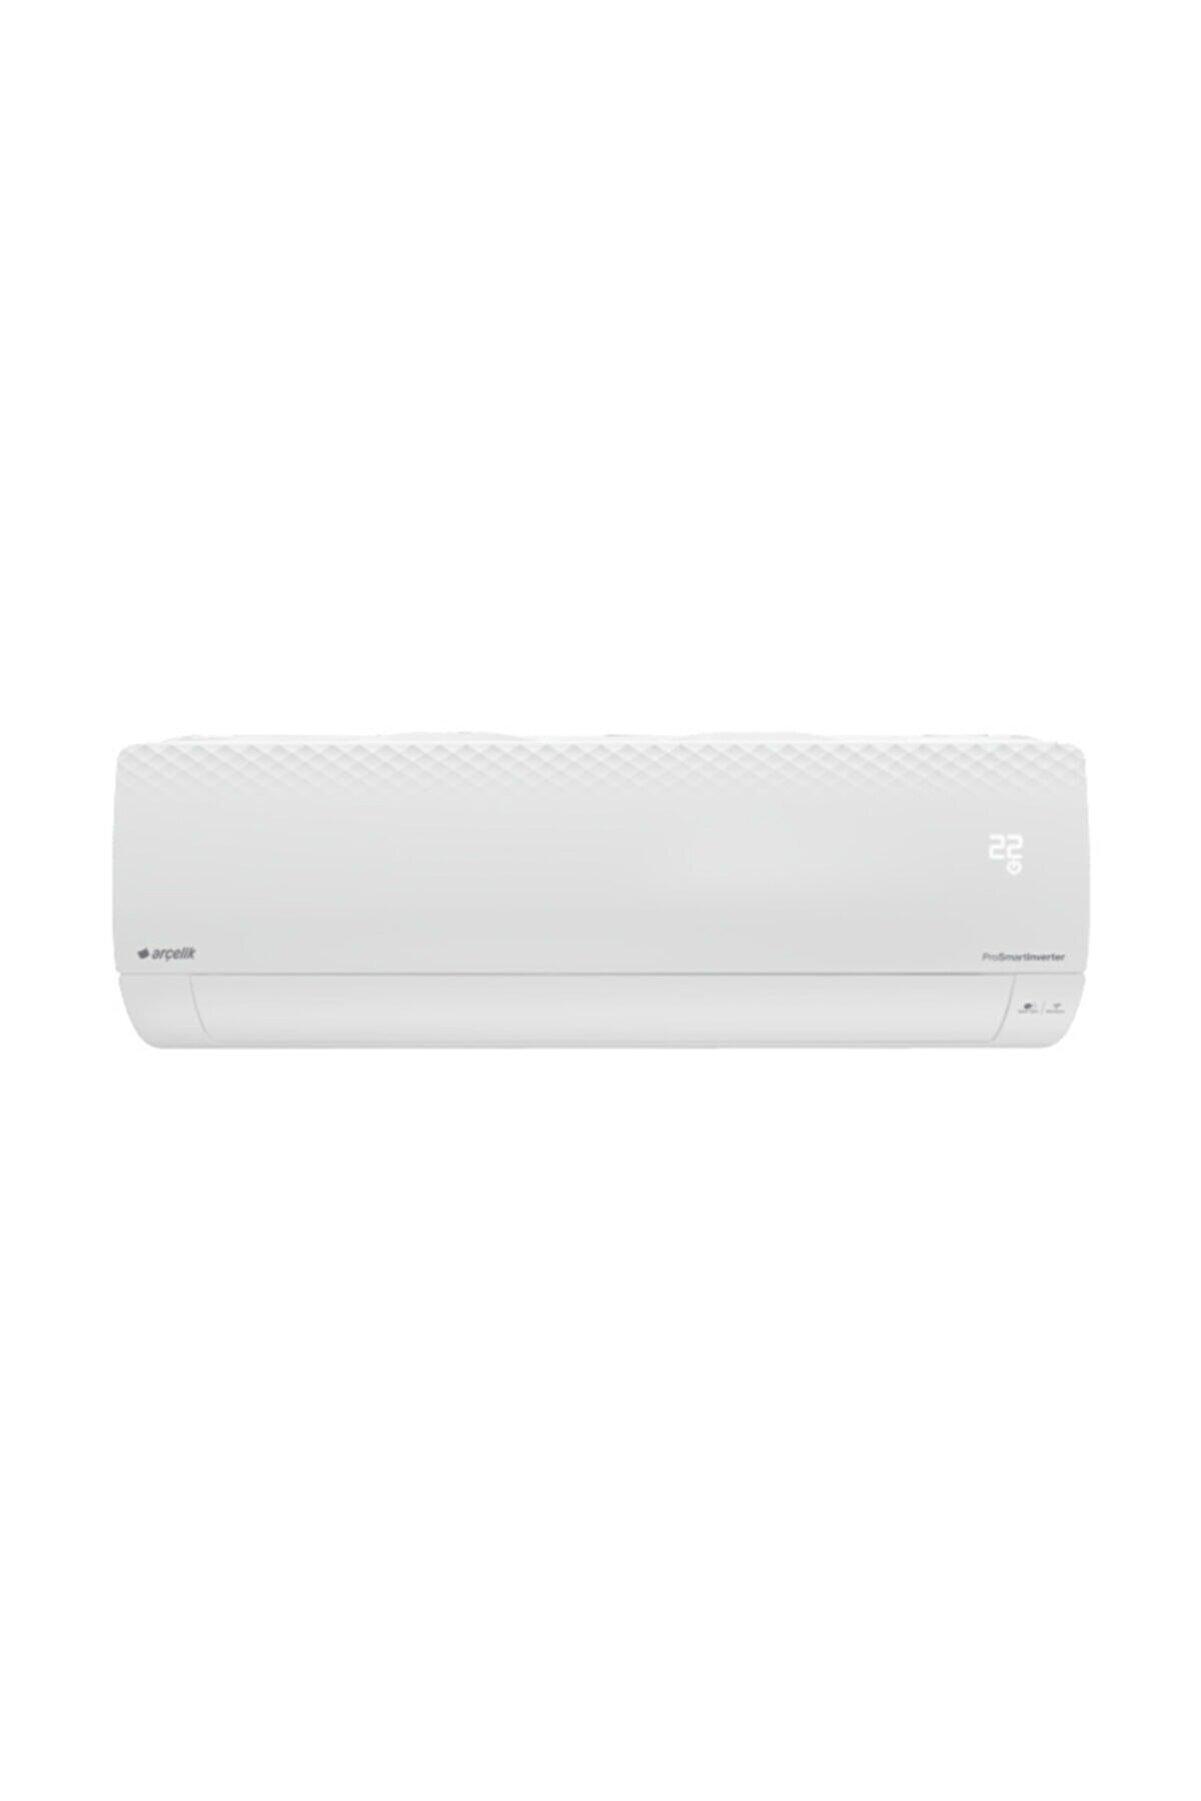 Arçelik 18340 18000 BTU A++ Sınıfı Prosmart Inverter Wifi Split Klima